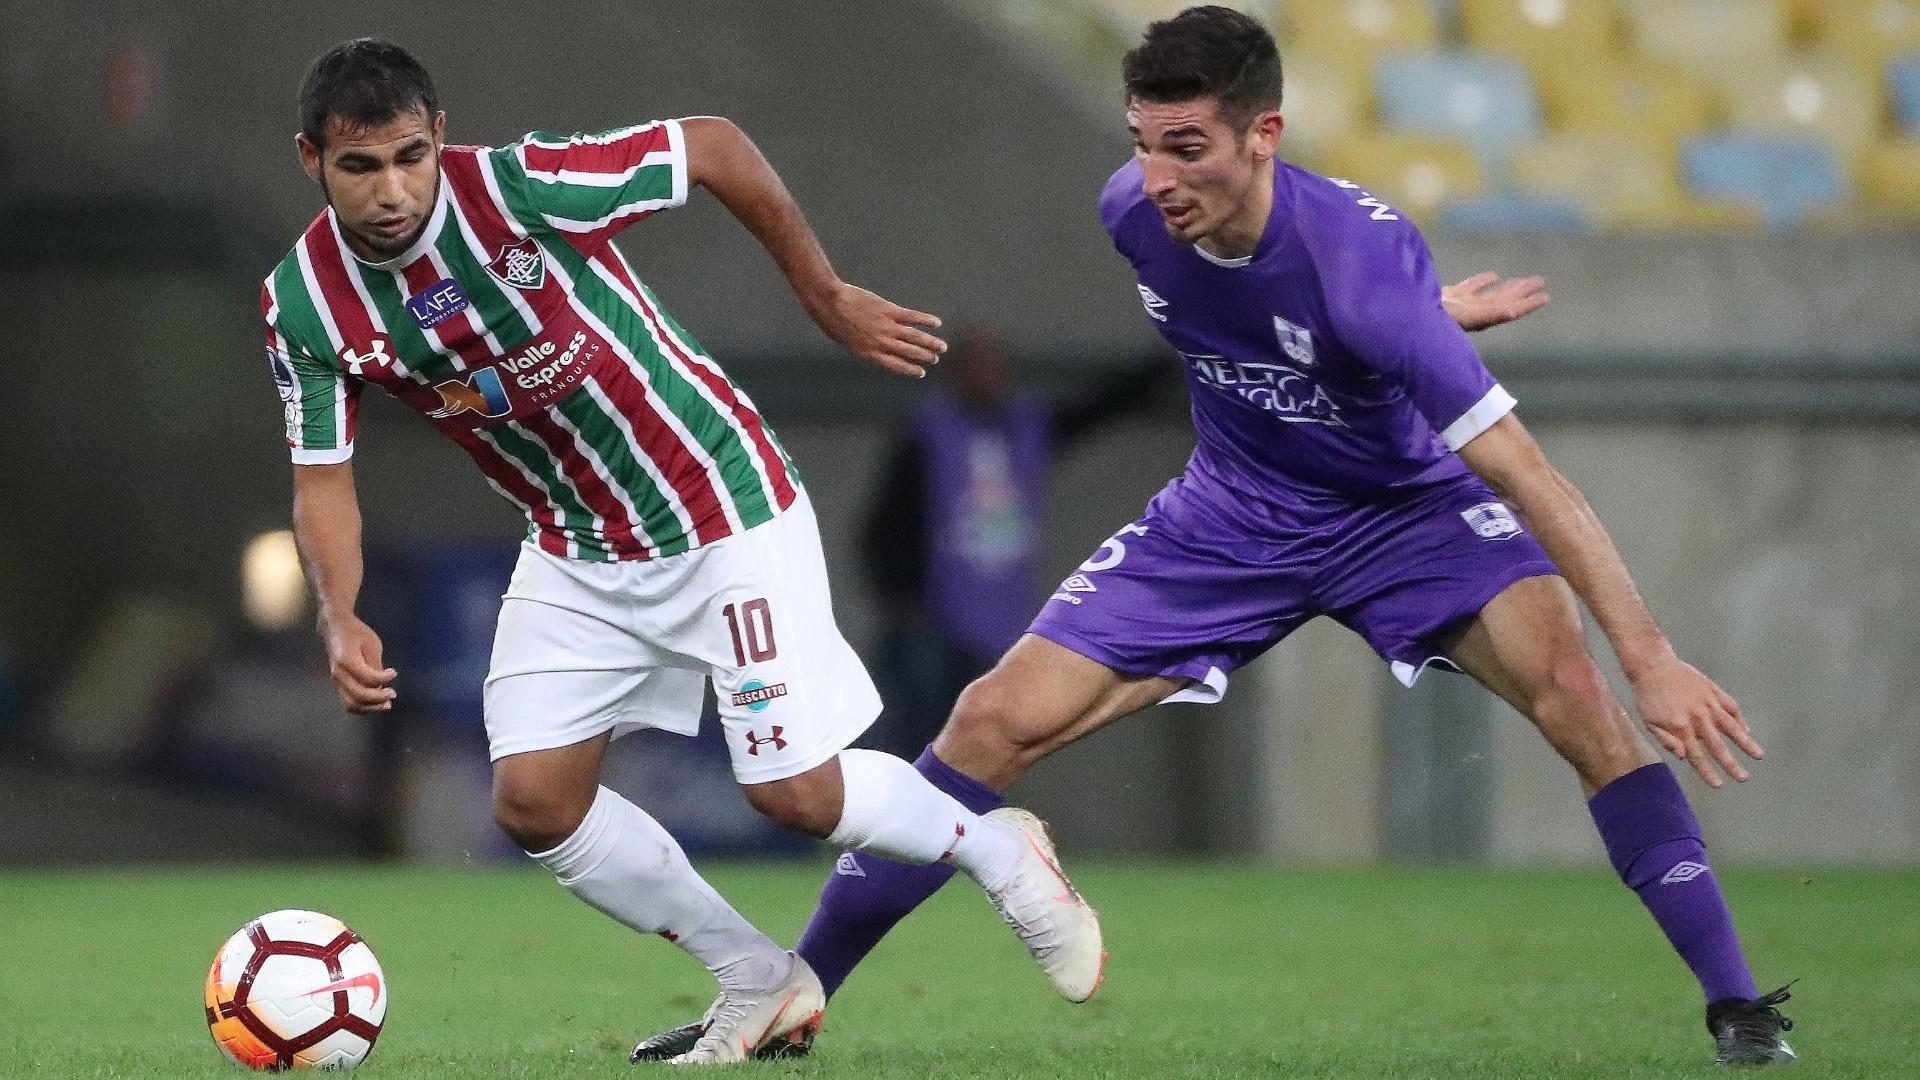 O equatoriano Sornoza em lance do jogo entre Fluminense e Defensor